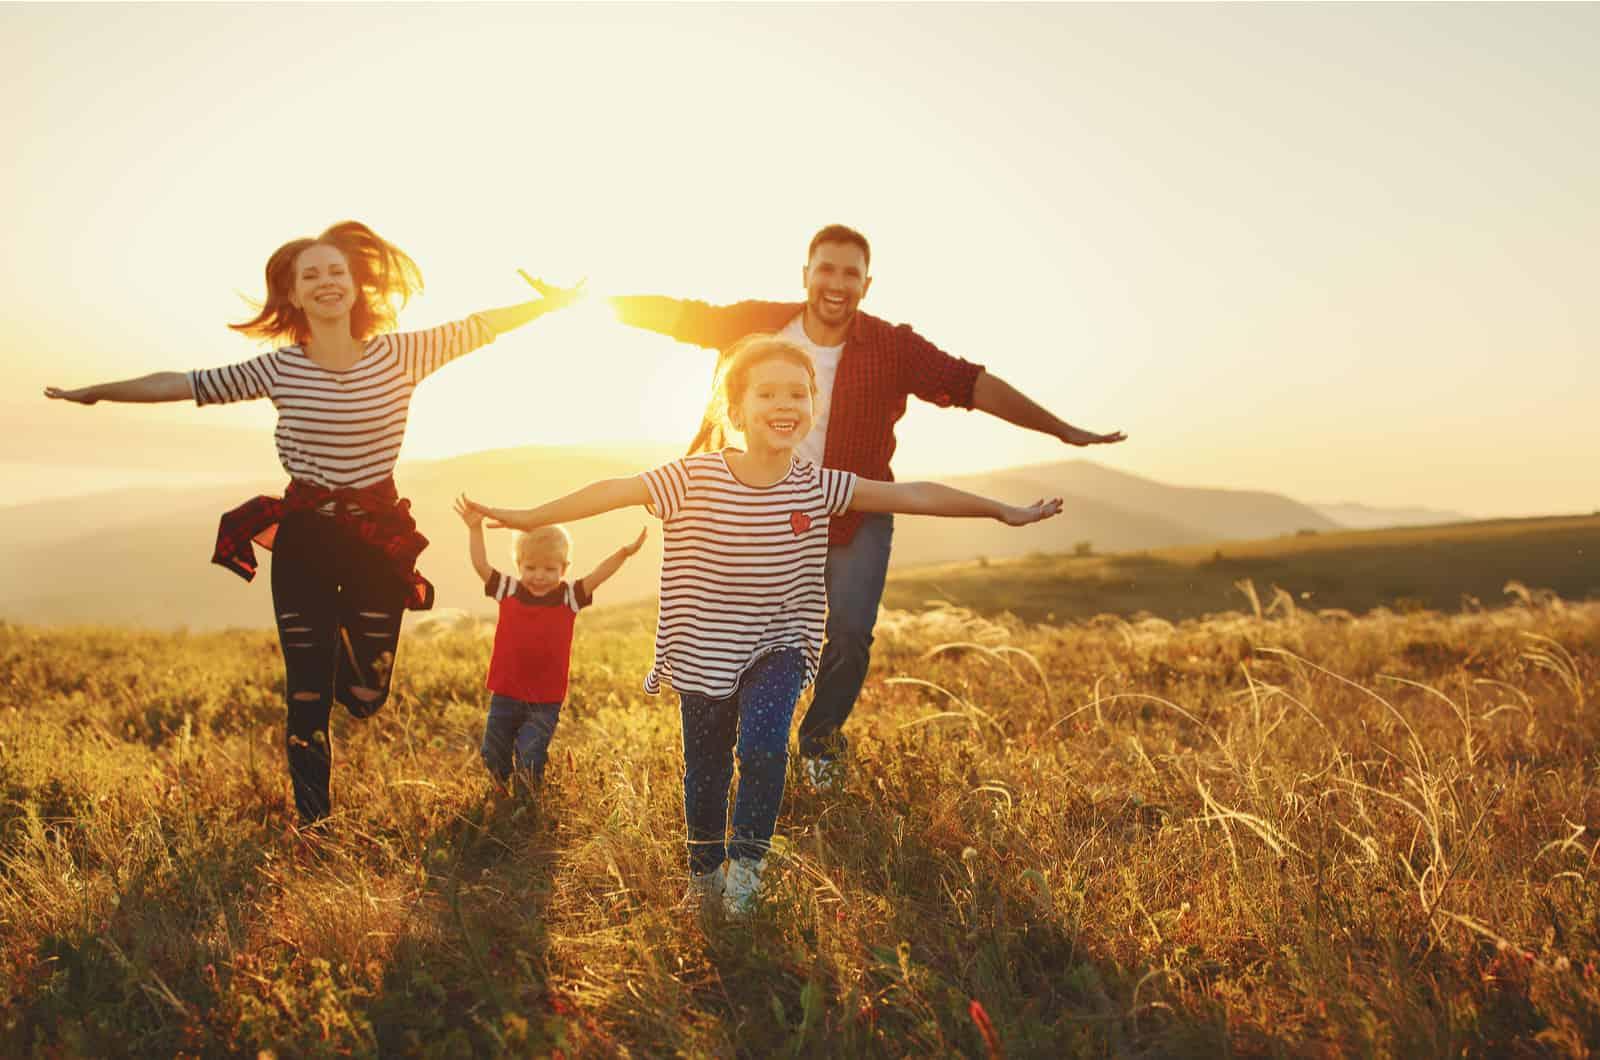 famille heureuse qui traverse le champ